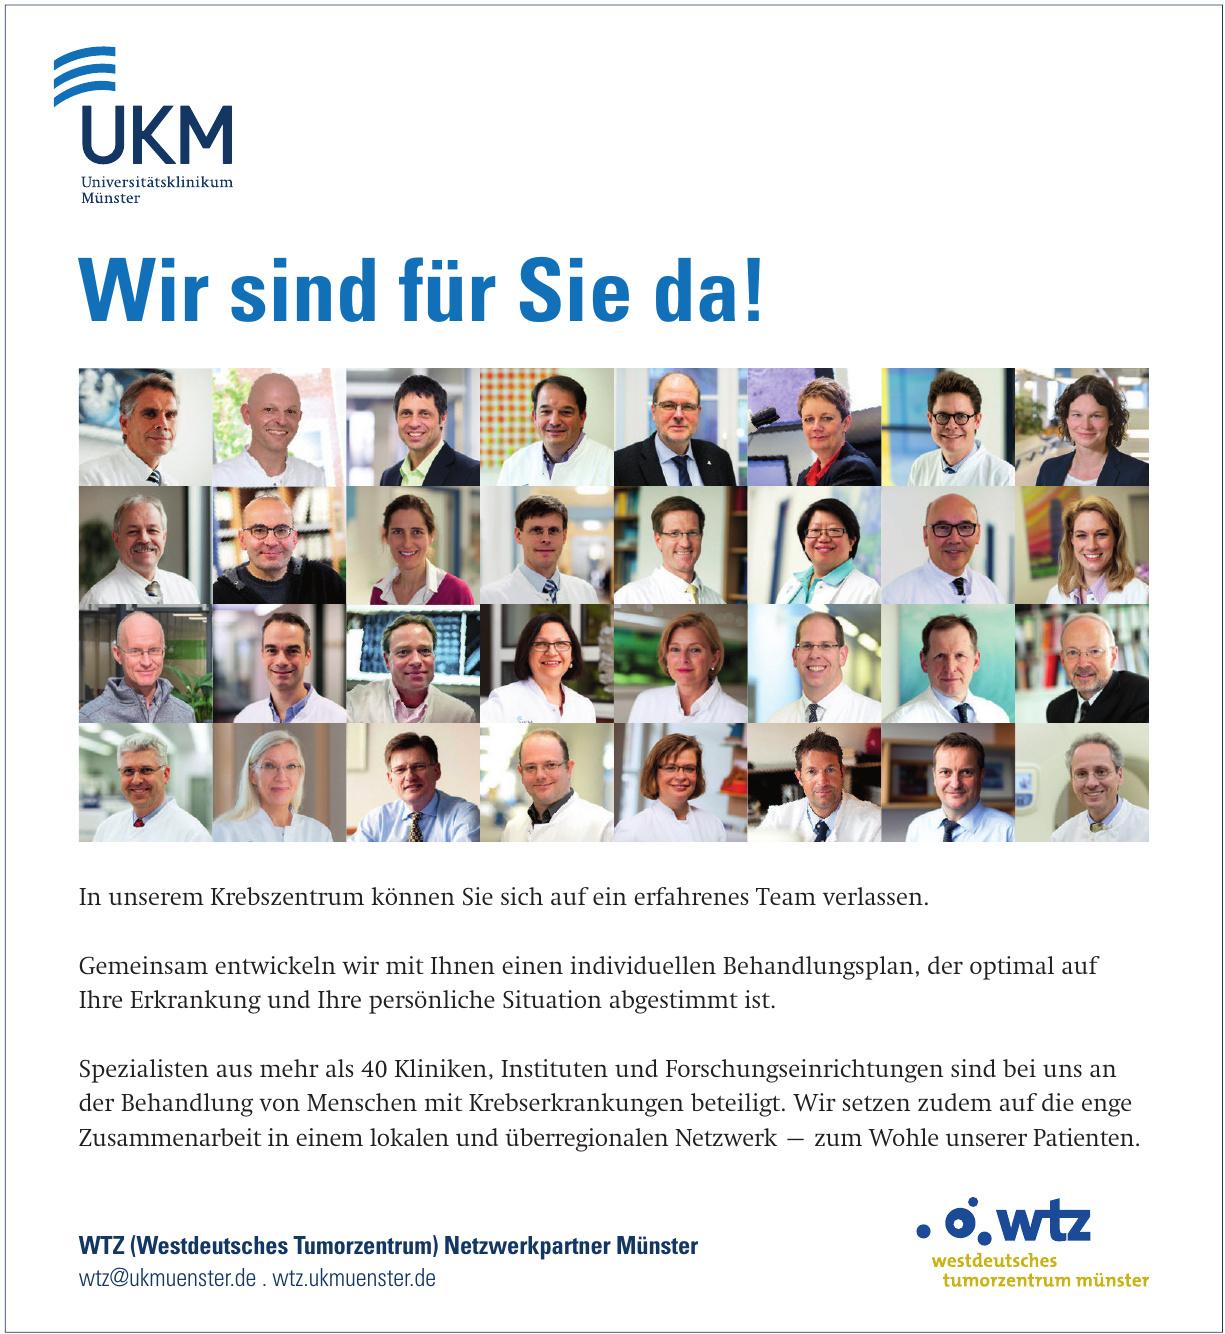 WTZ (Westdeutsches Tumorzentrum) Netzwerkpartner Münster